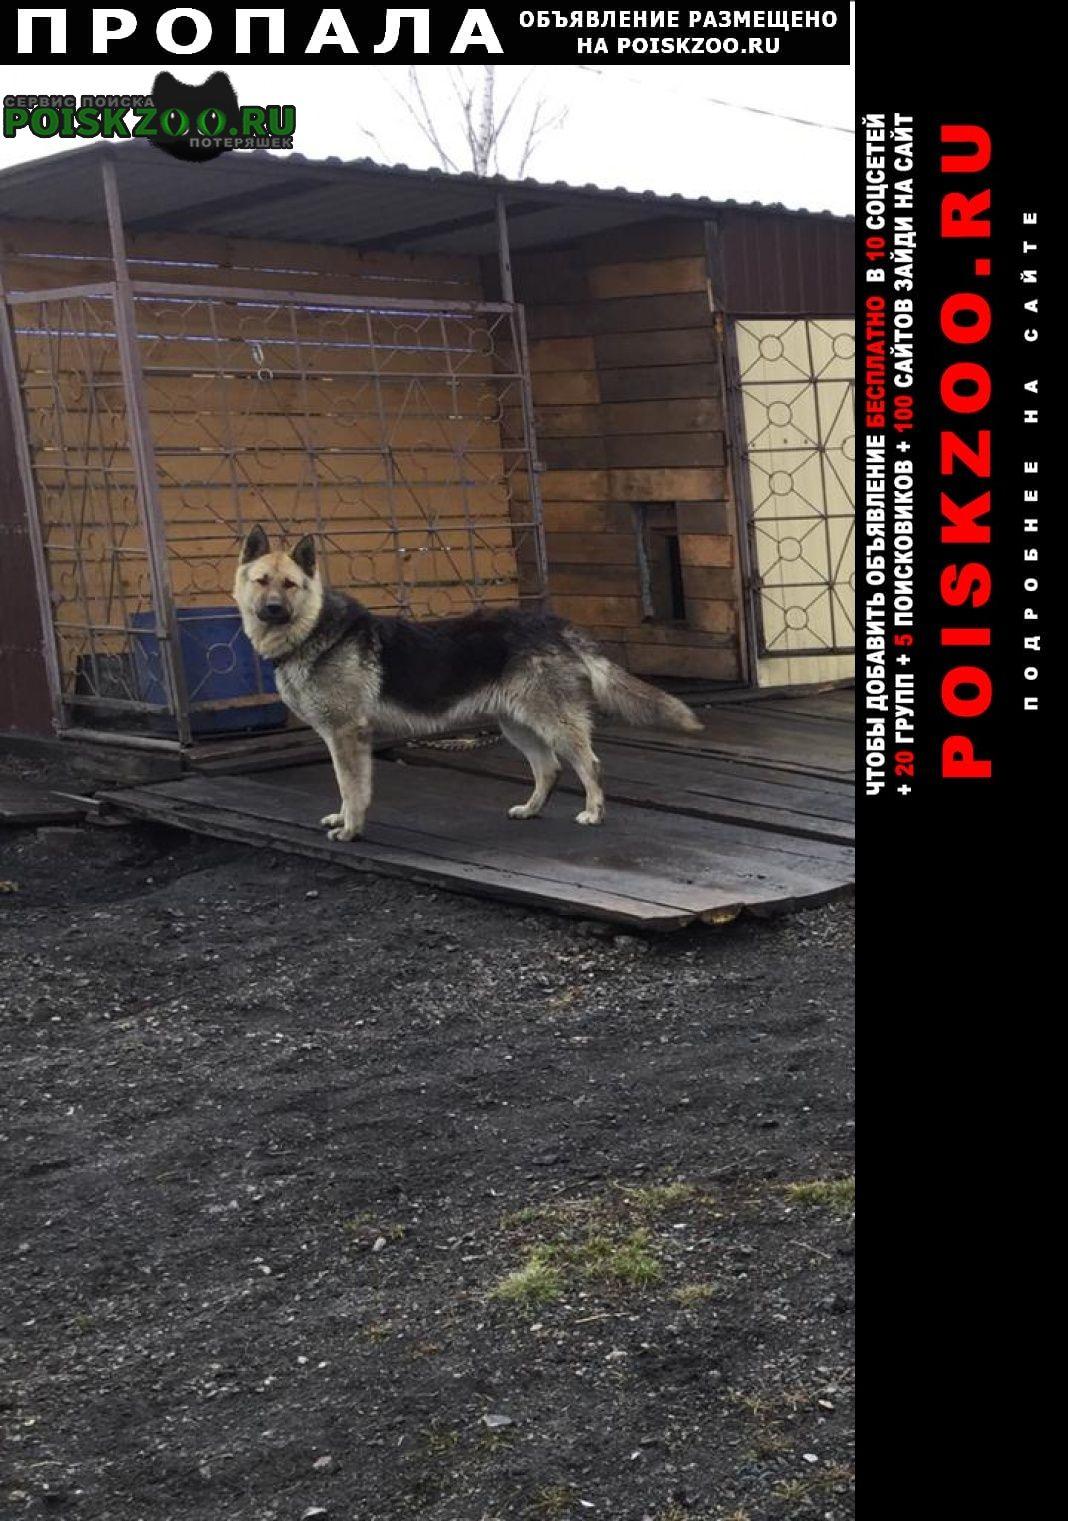 Пропала собака кобель Ленинск-Кузнецкий